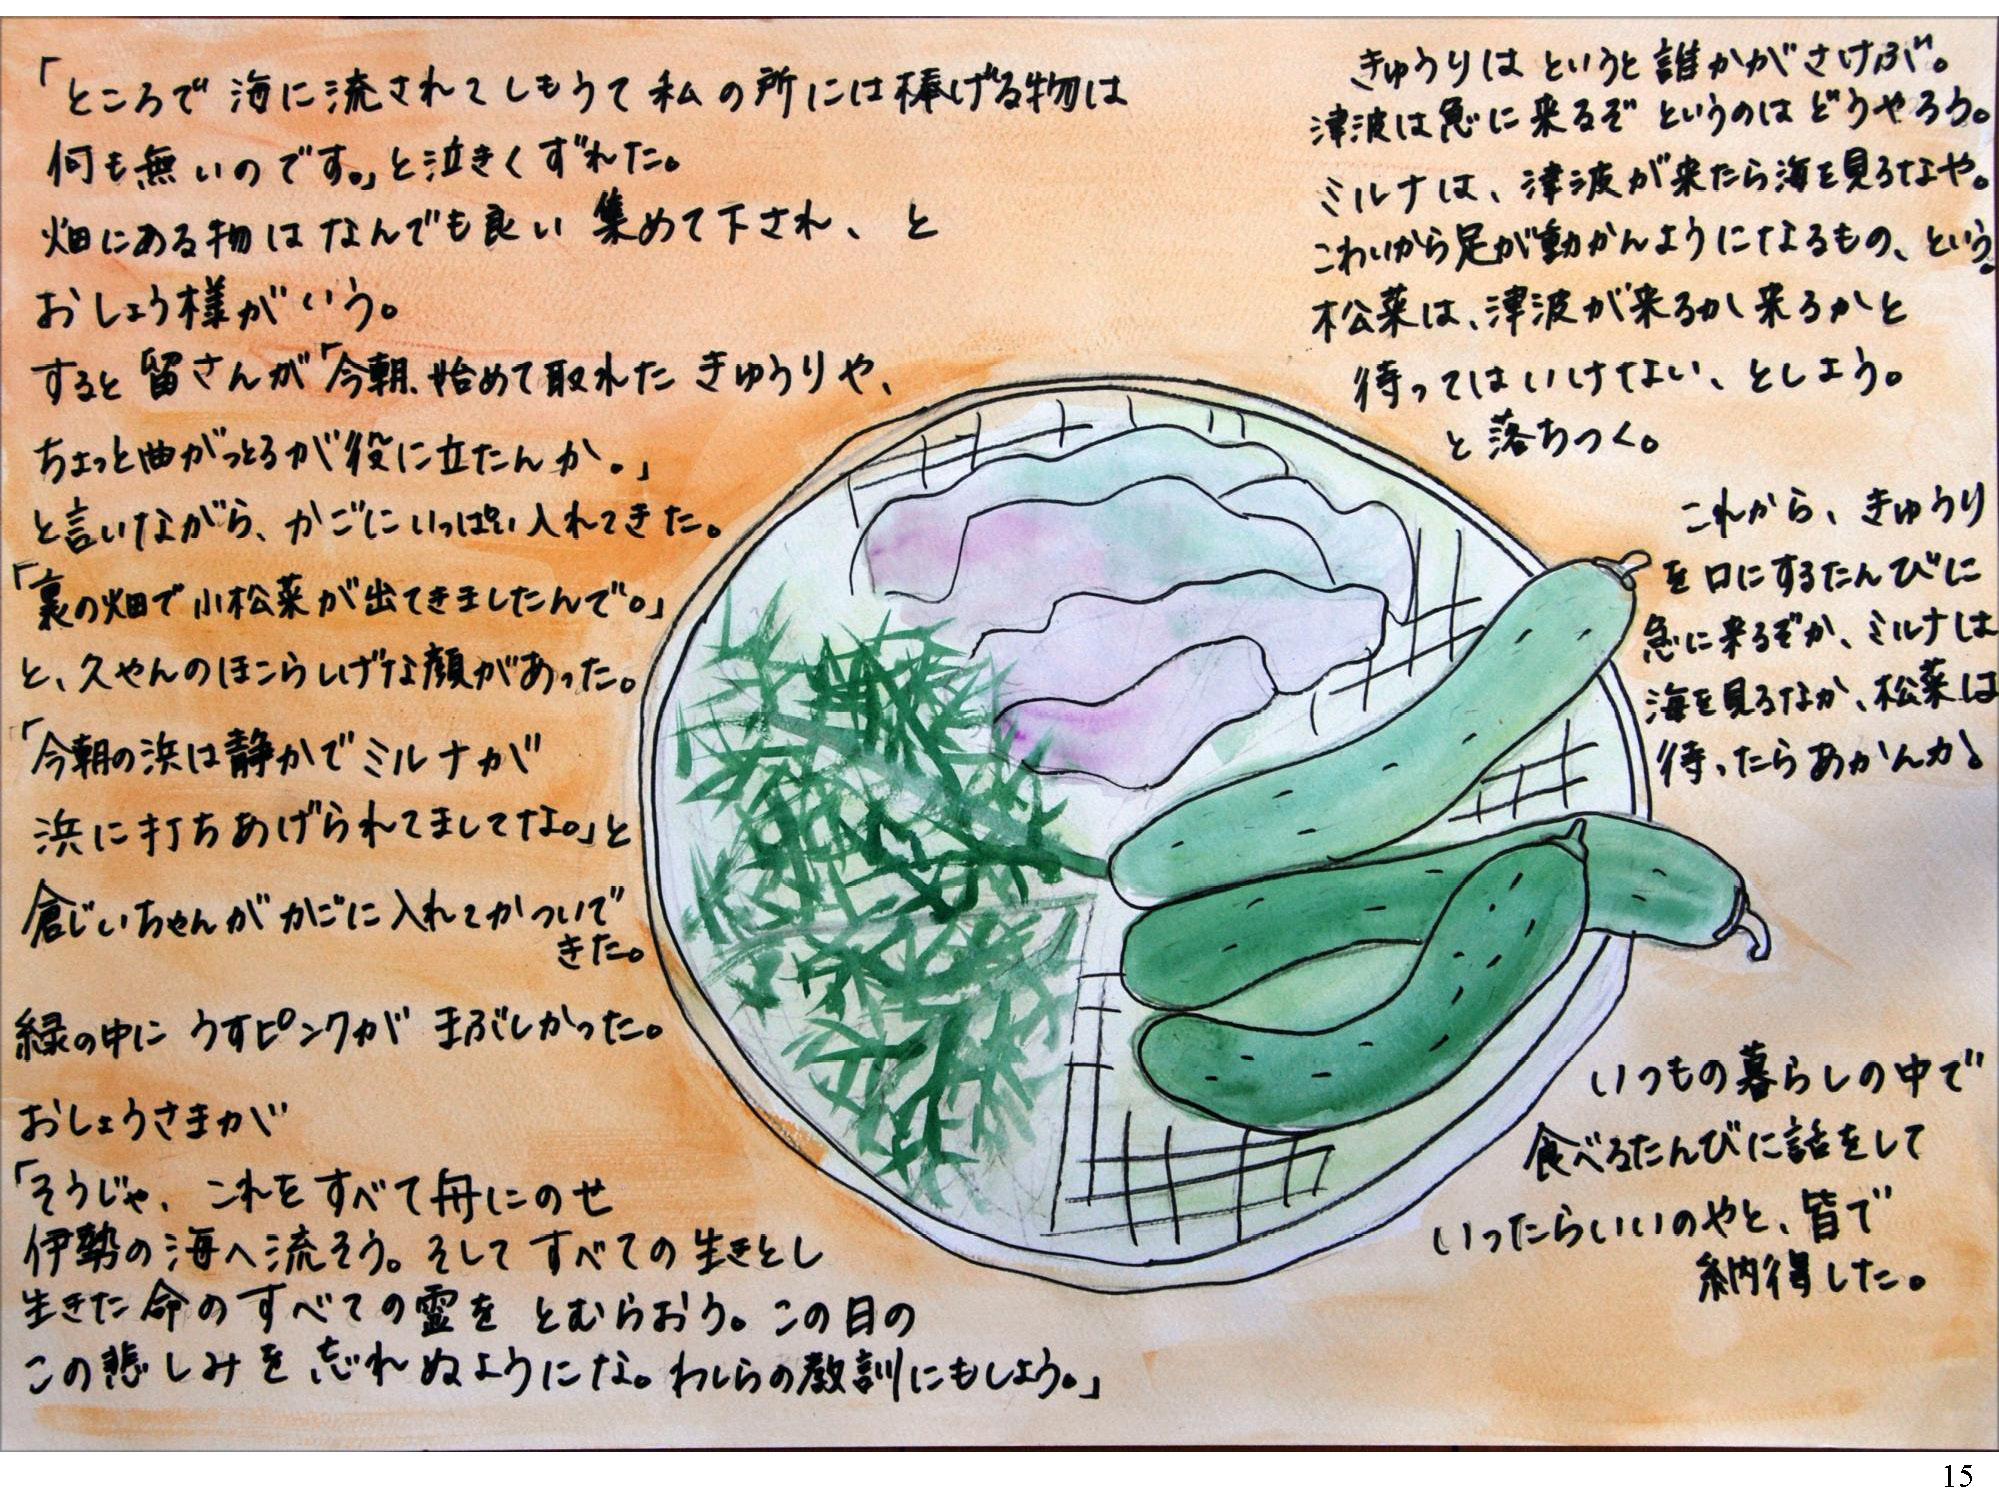 kamisibai-03_ページ_15